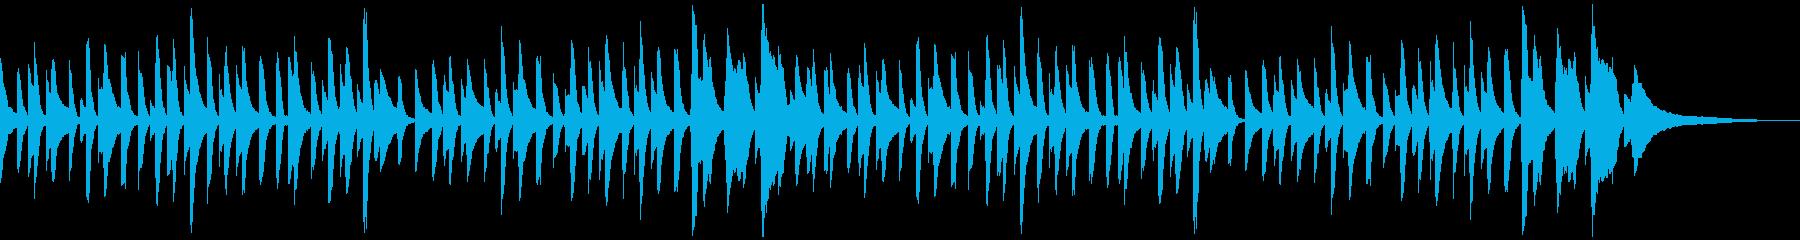 童謡「桃太郎」シンプルなピアノソロの再生済みの波形